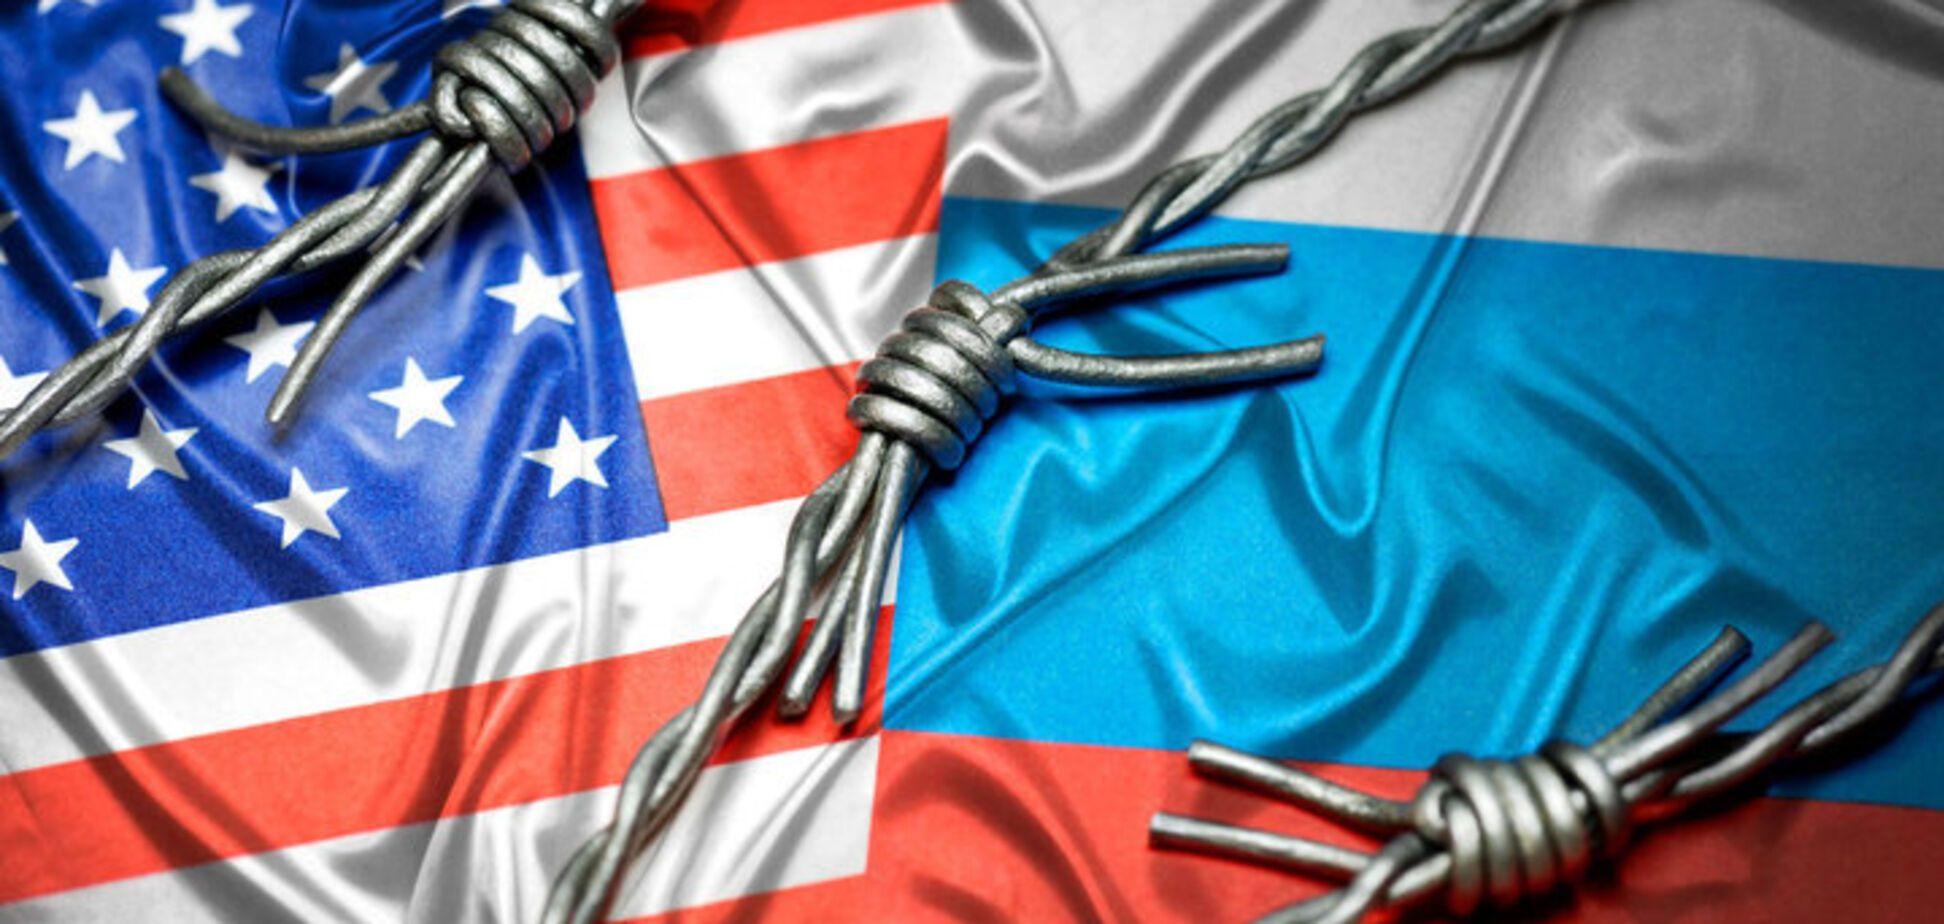 'Помойная яма!' В Крыму ужаснулись последствиями 'русского мира'